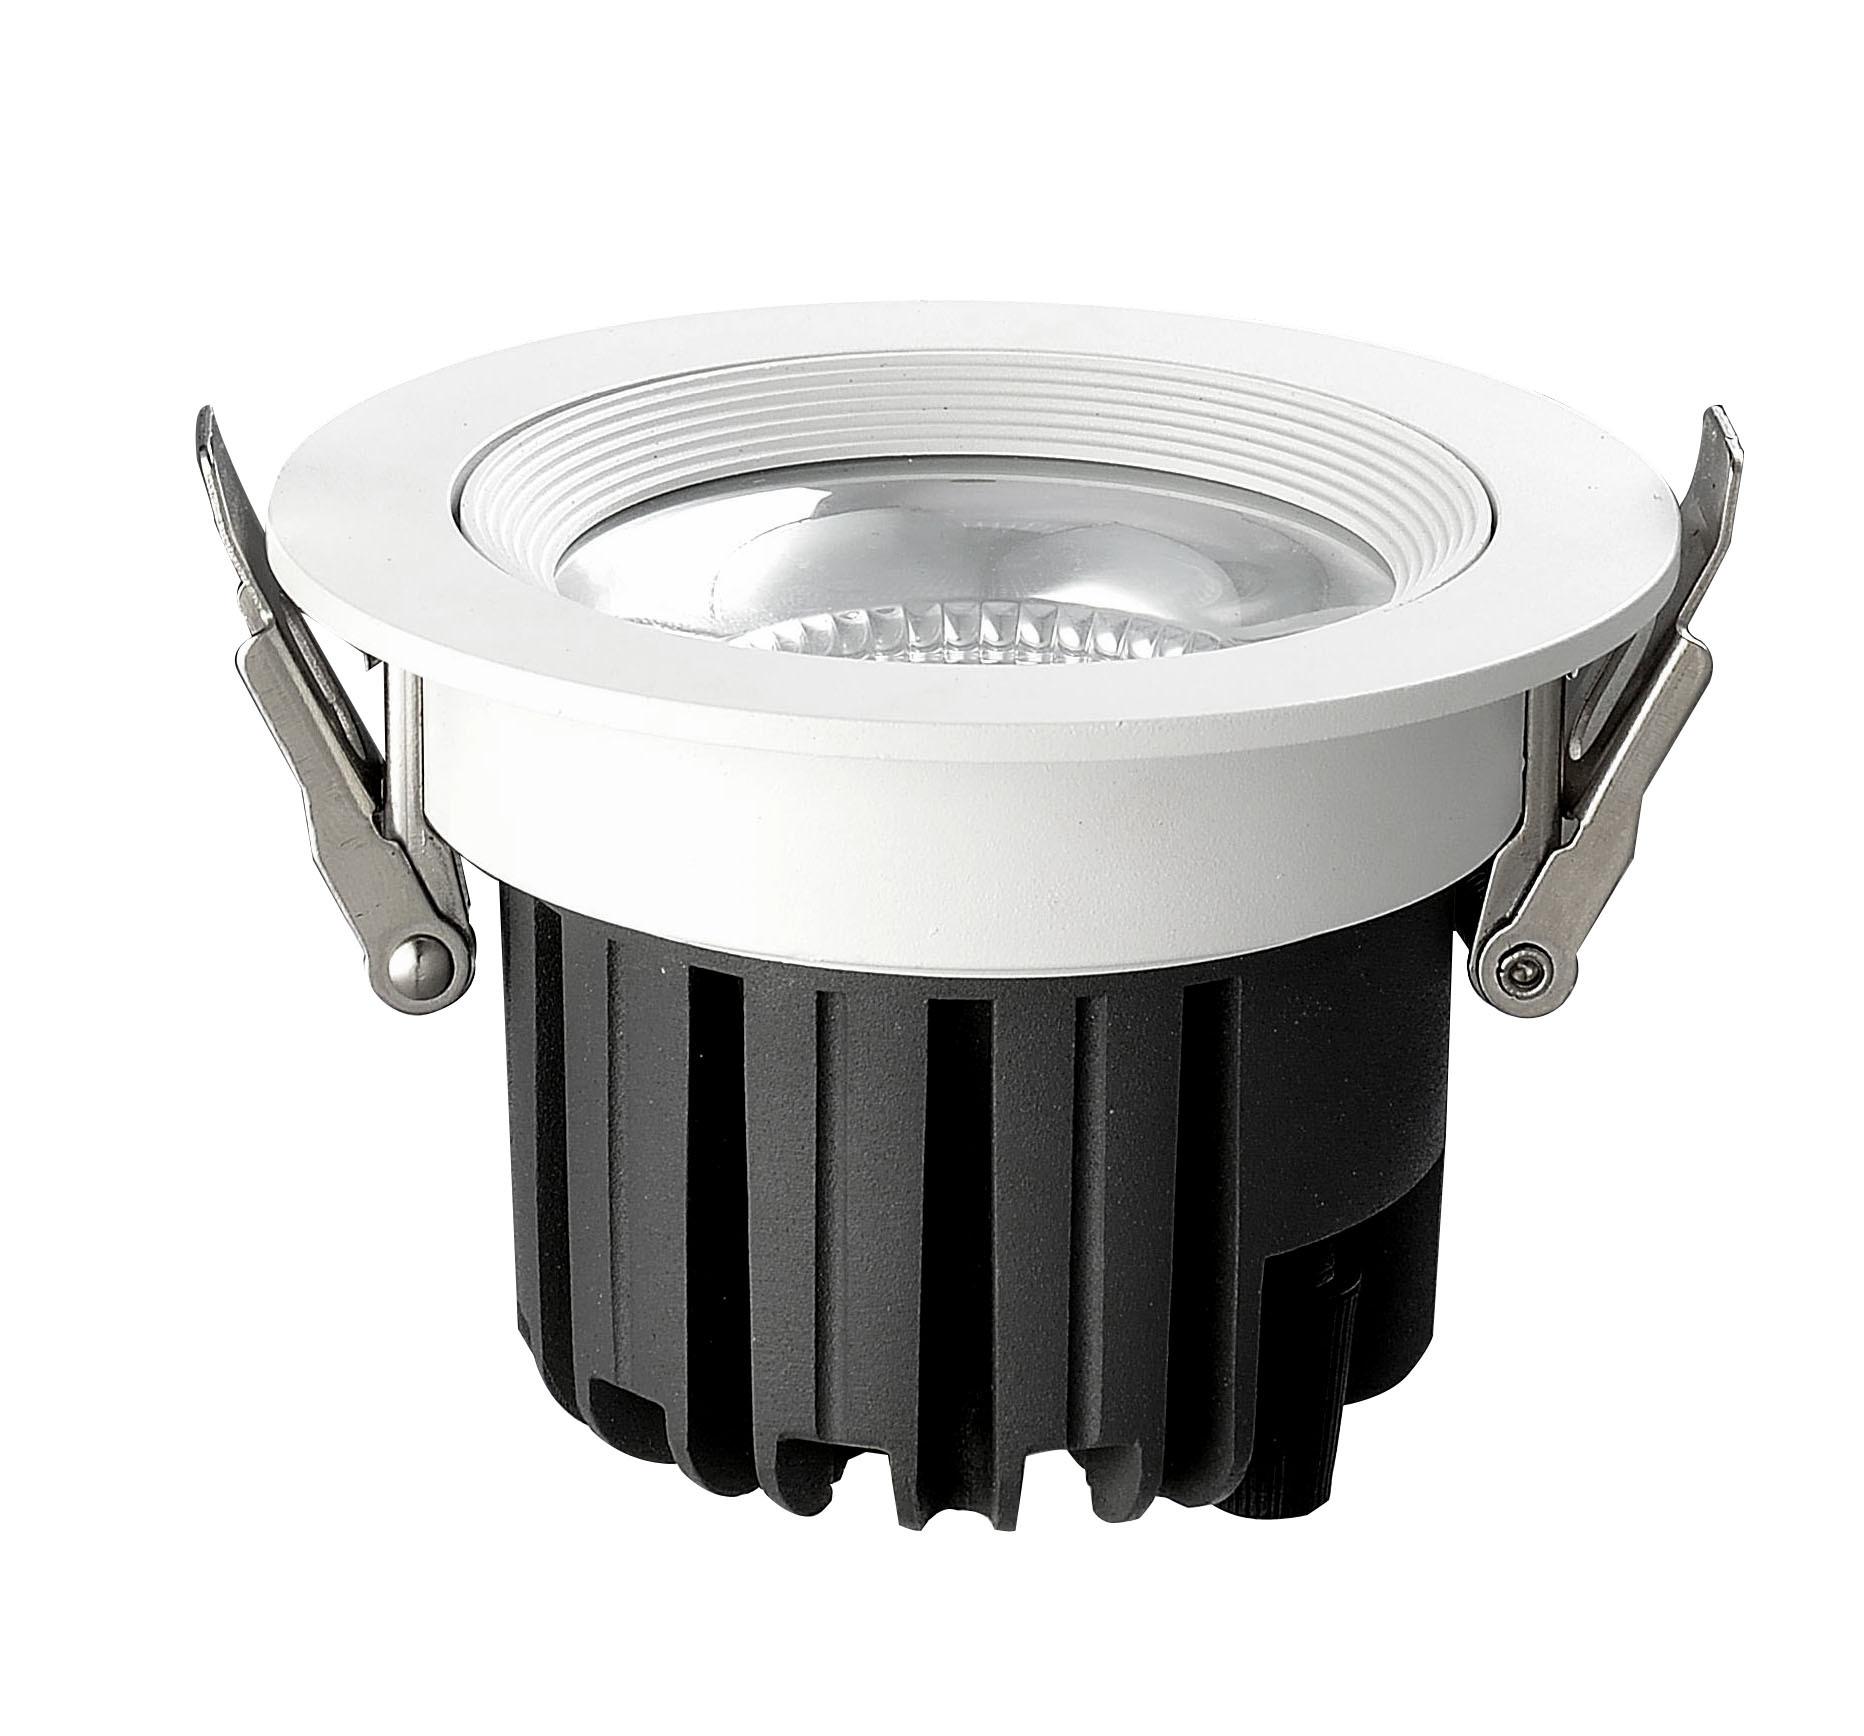 SENYUAN Đèn trần bộ Bộ vỏ đèn downlight đúc Bộ đèn downlight LED Bộ vỏ đèn downlight